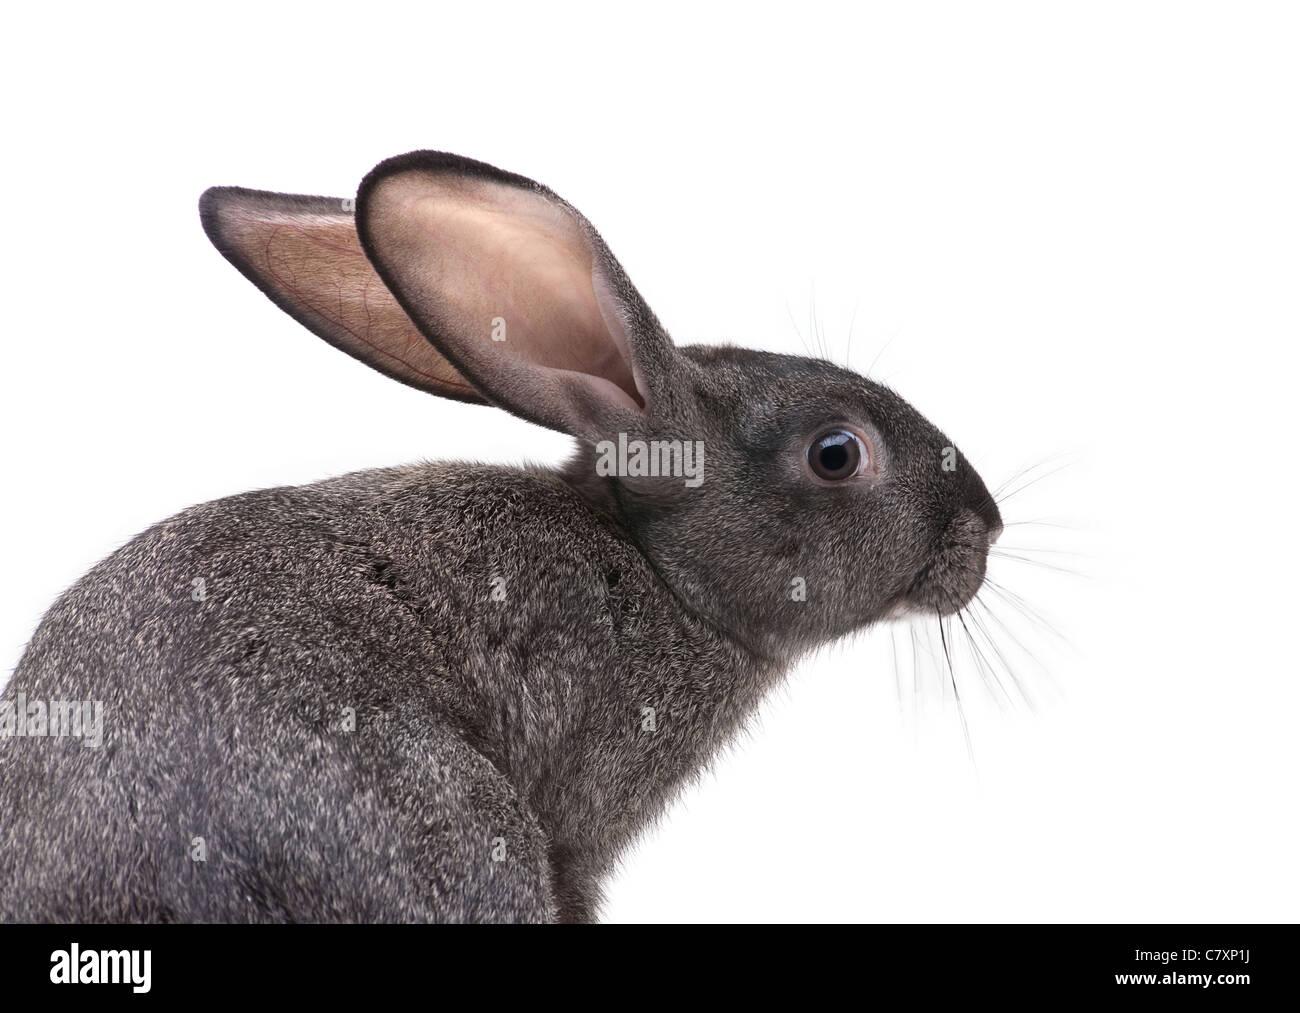 Coniglio animale da azienda closeup su sfondo bianco Immagini Stock